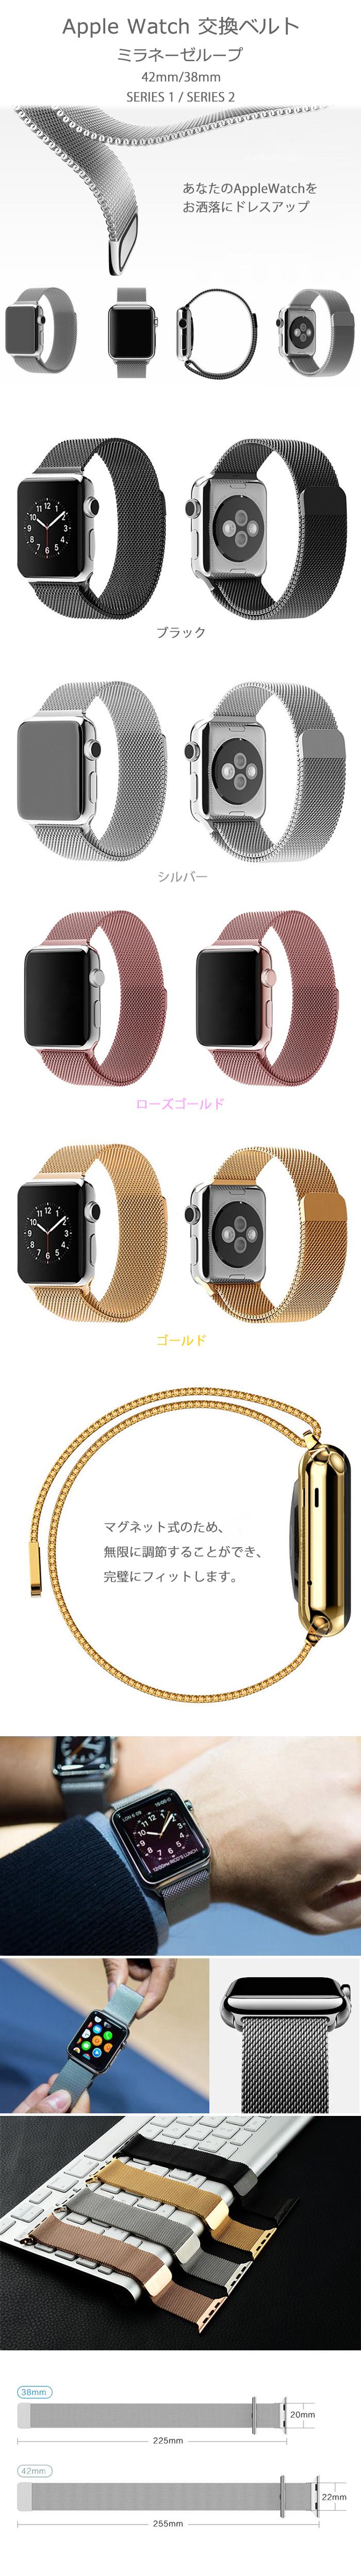 Apple Watch バンド ベルト ミラネーゼループ SERIES1 SERIES2 42mm 38mm アップルウォッチ